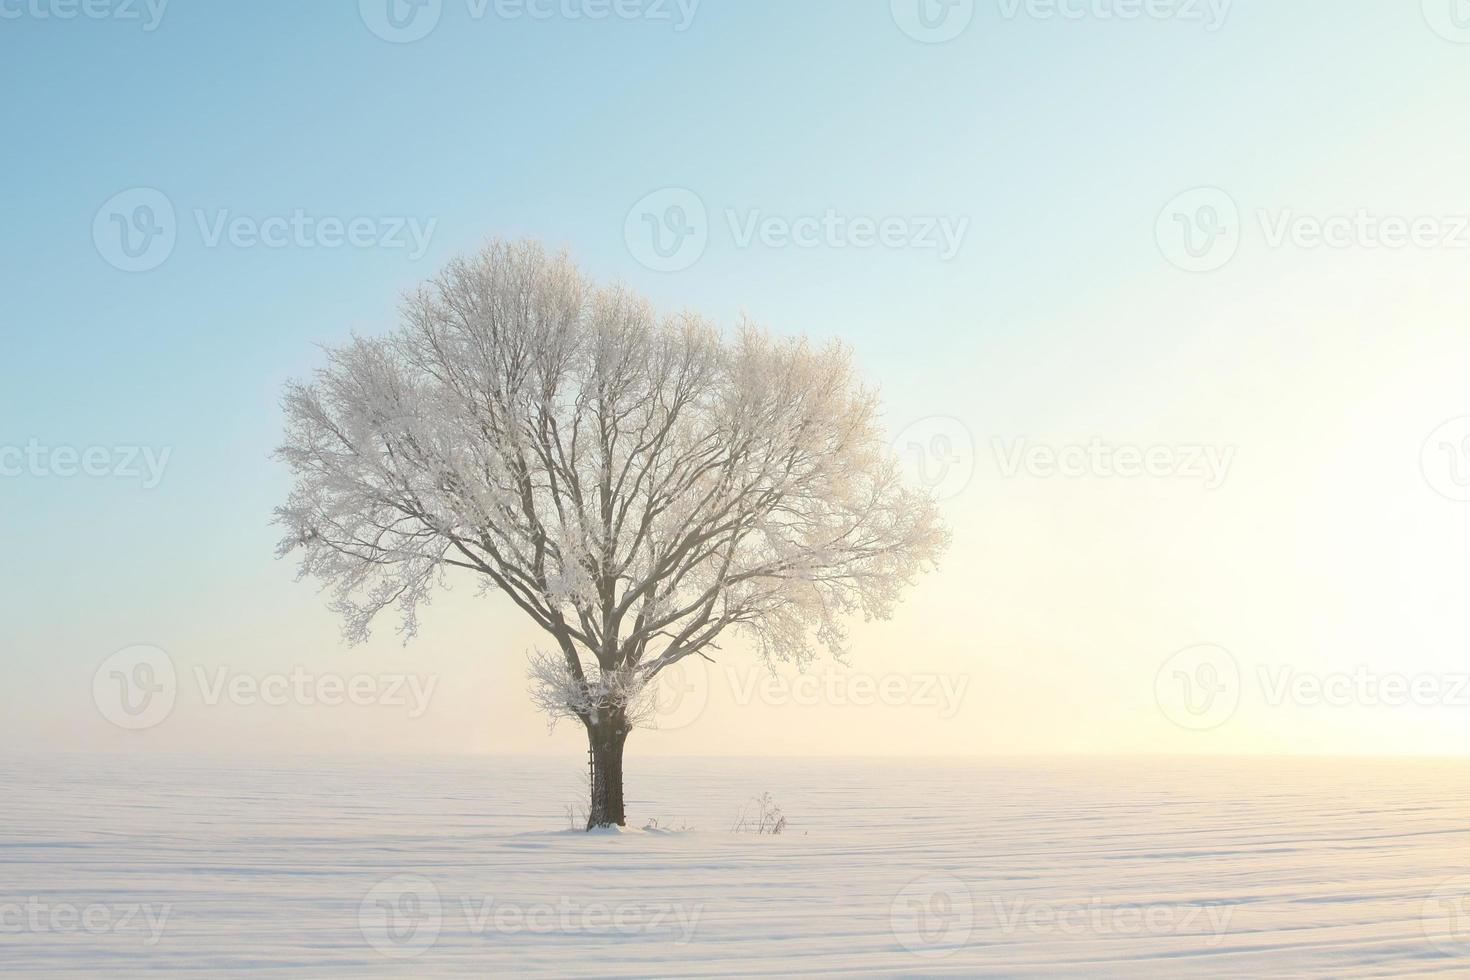 singolo albero glassato nella neve all'alba foto